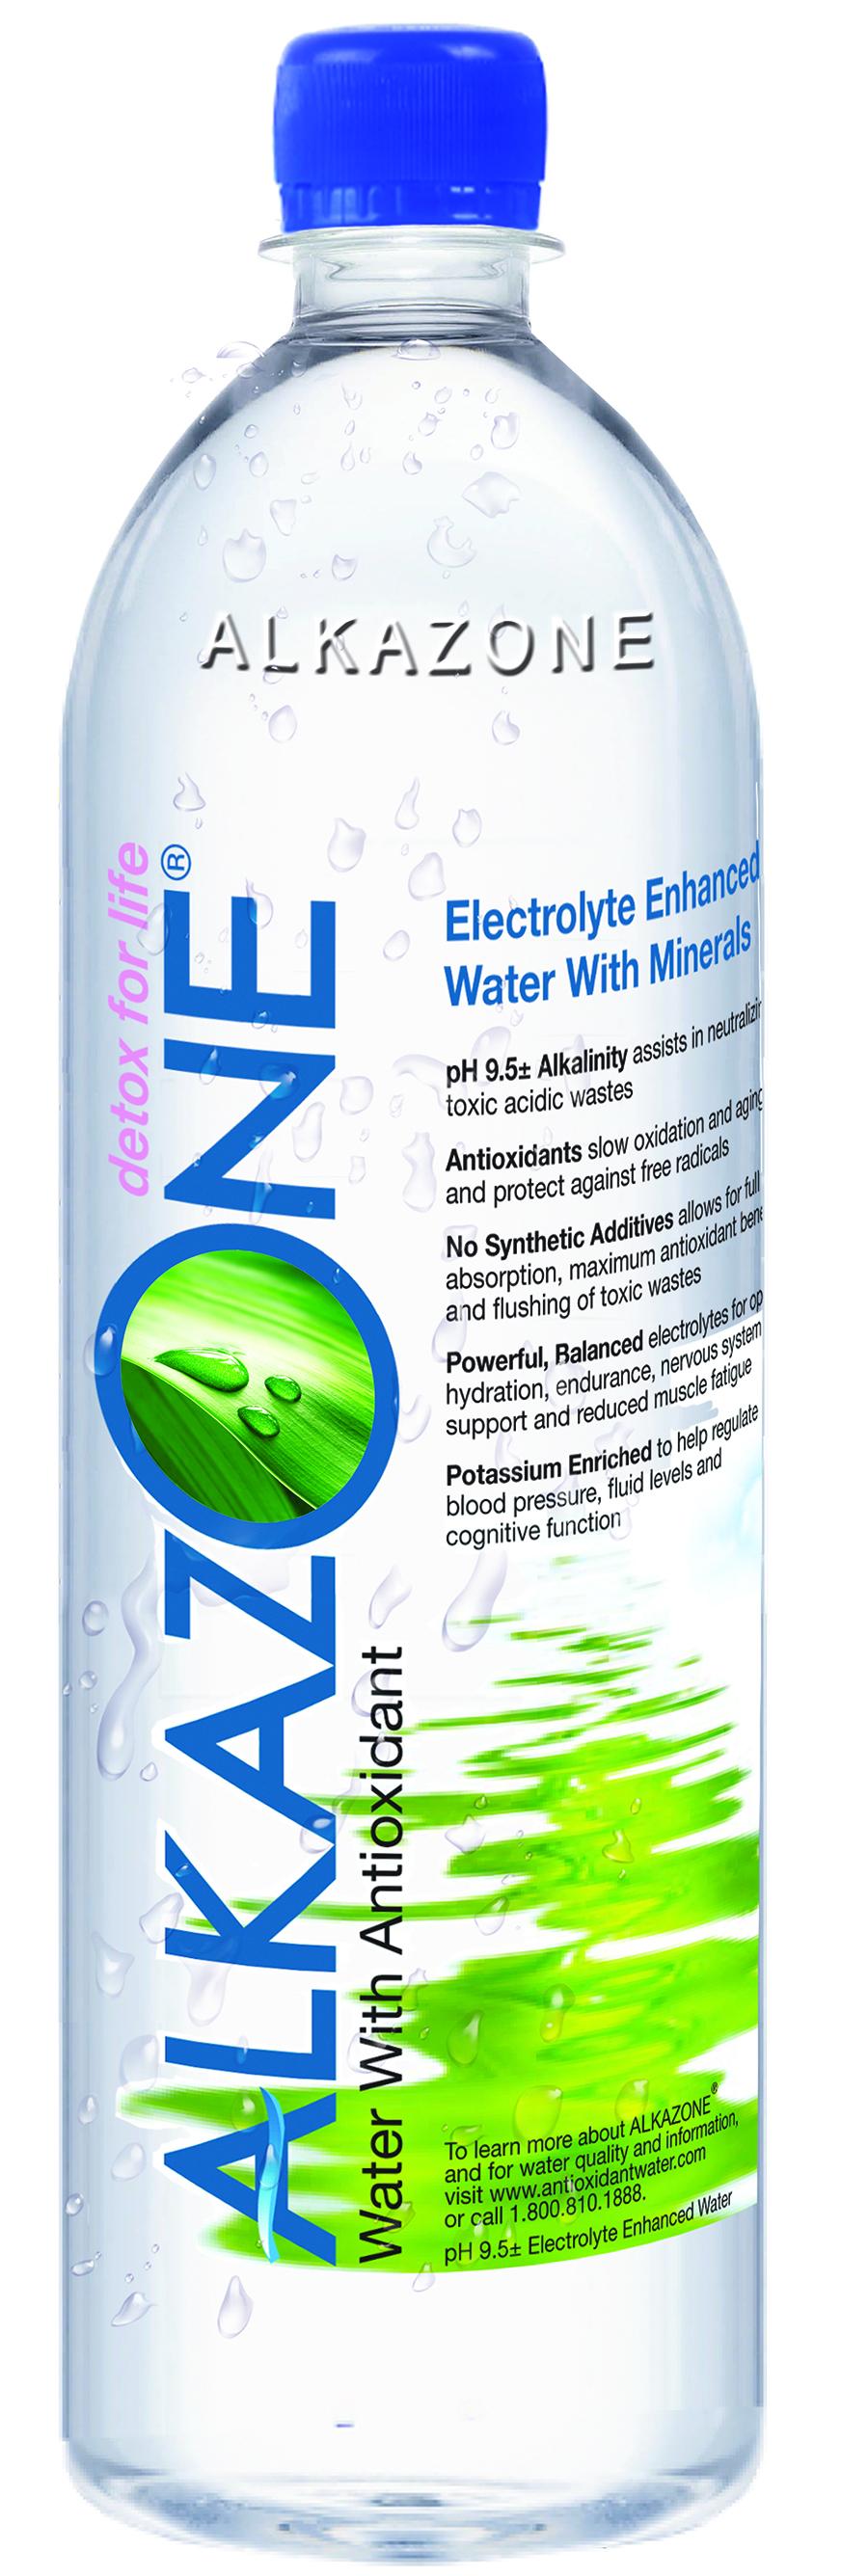 Alkazone® Antioxidant Bottled Water is the Lead Sponsor ...